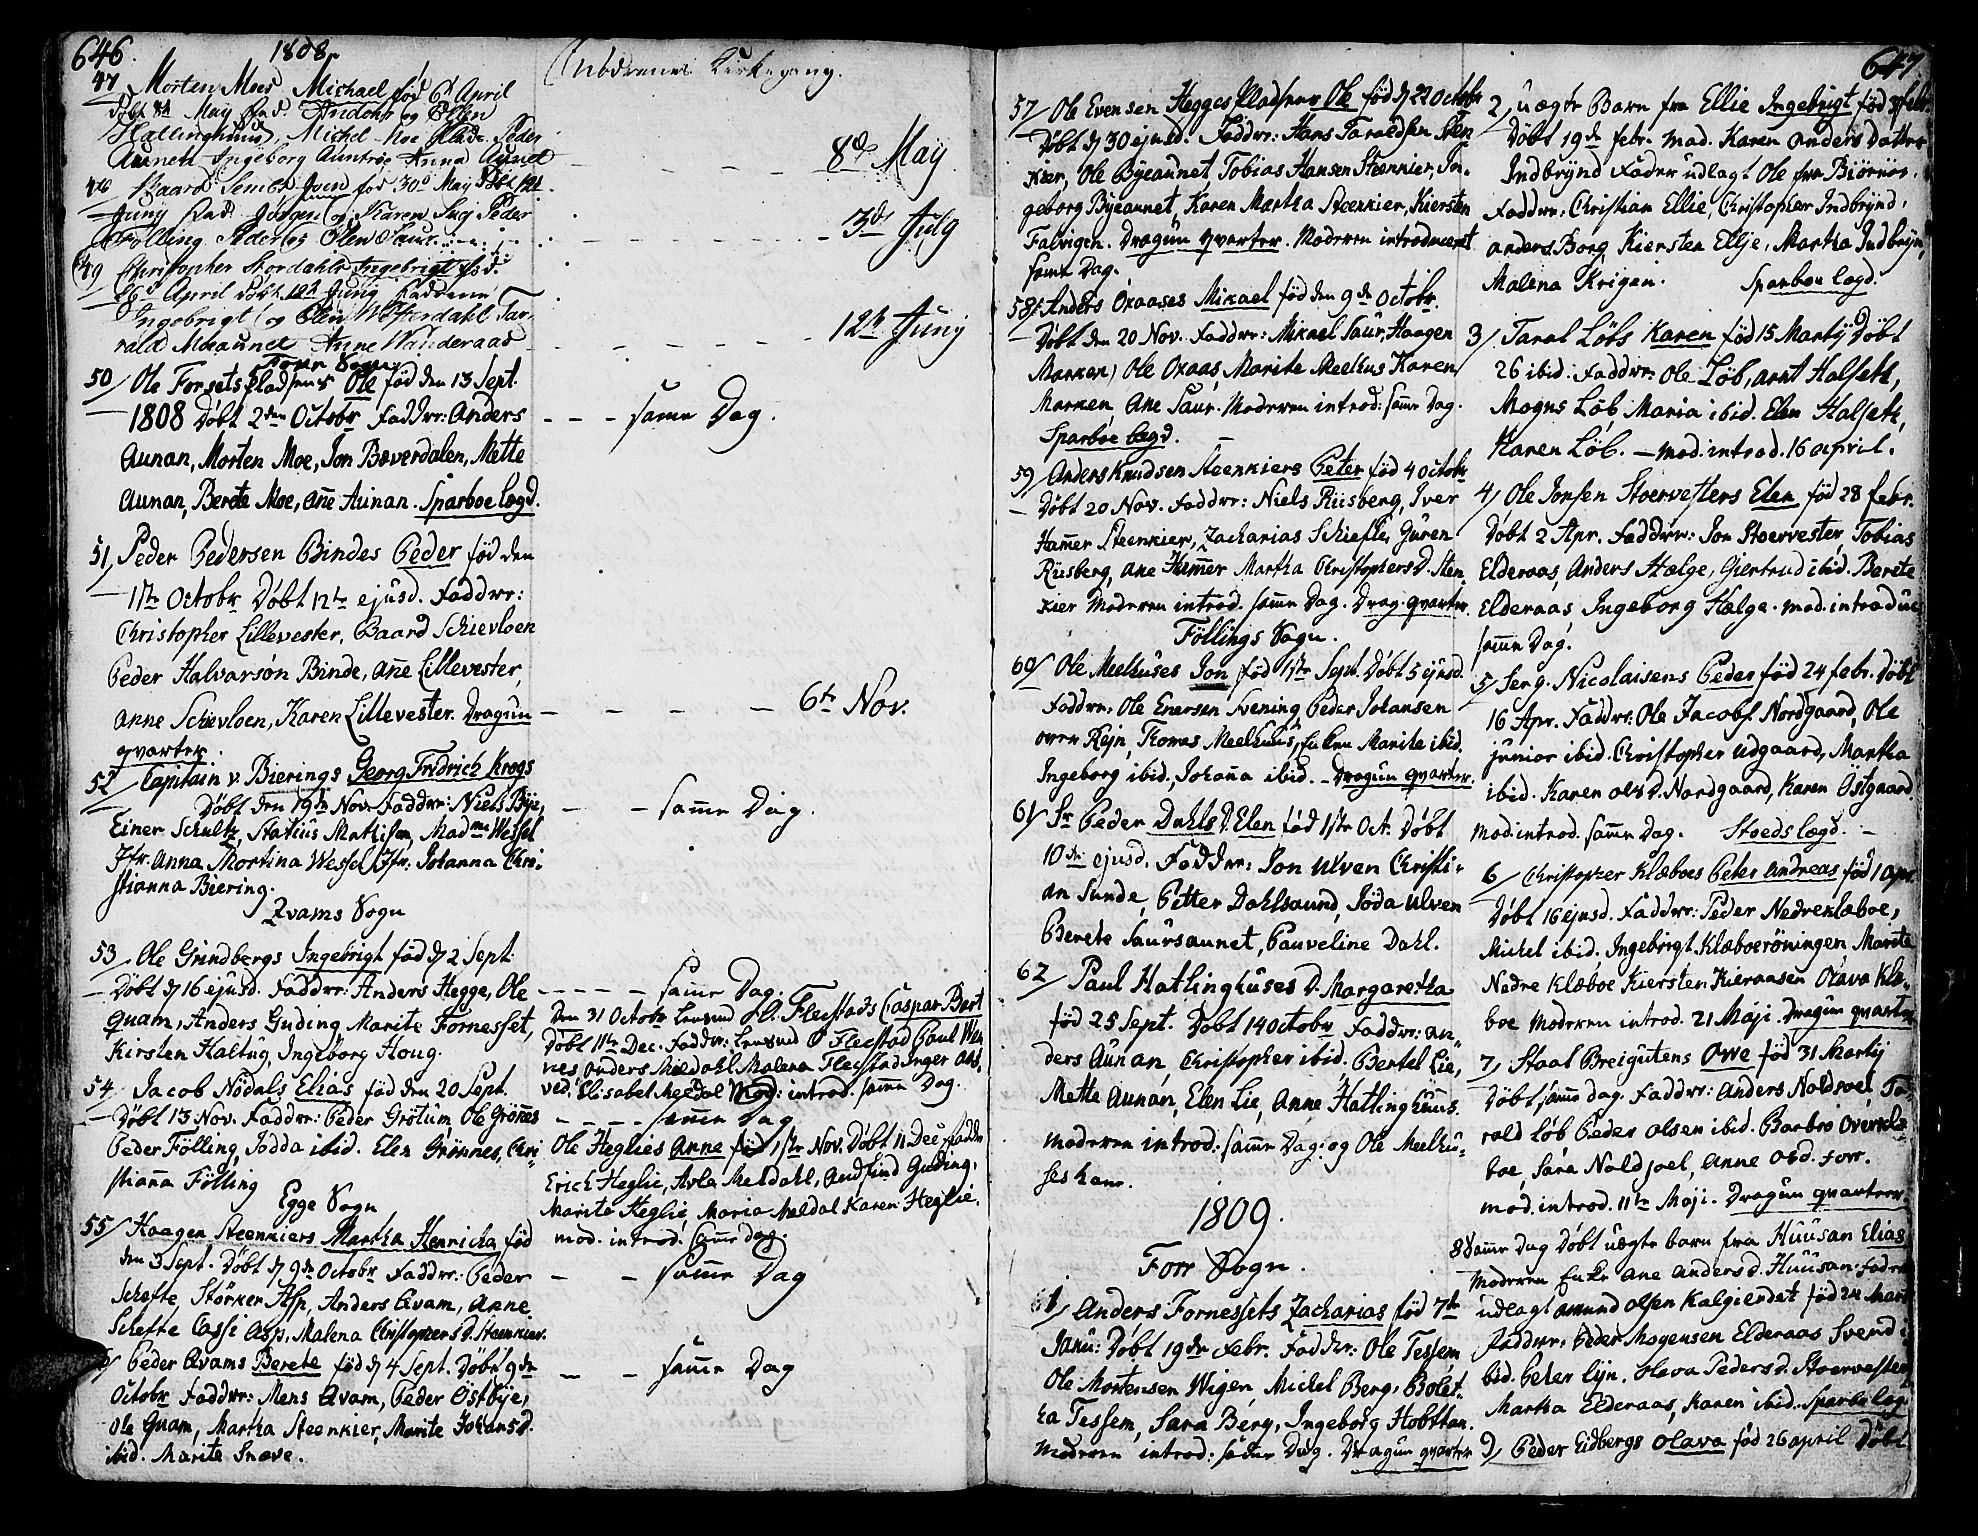 SAT, Ministerialprotokoller, klokkerbøker og fødselsregistre - Nord-Trøndelag, 746/L0440: Ministerialbok nr. 746A02, 1760-1815, s. 646-647